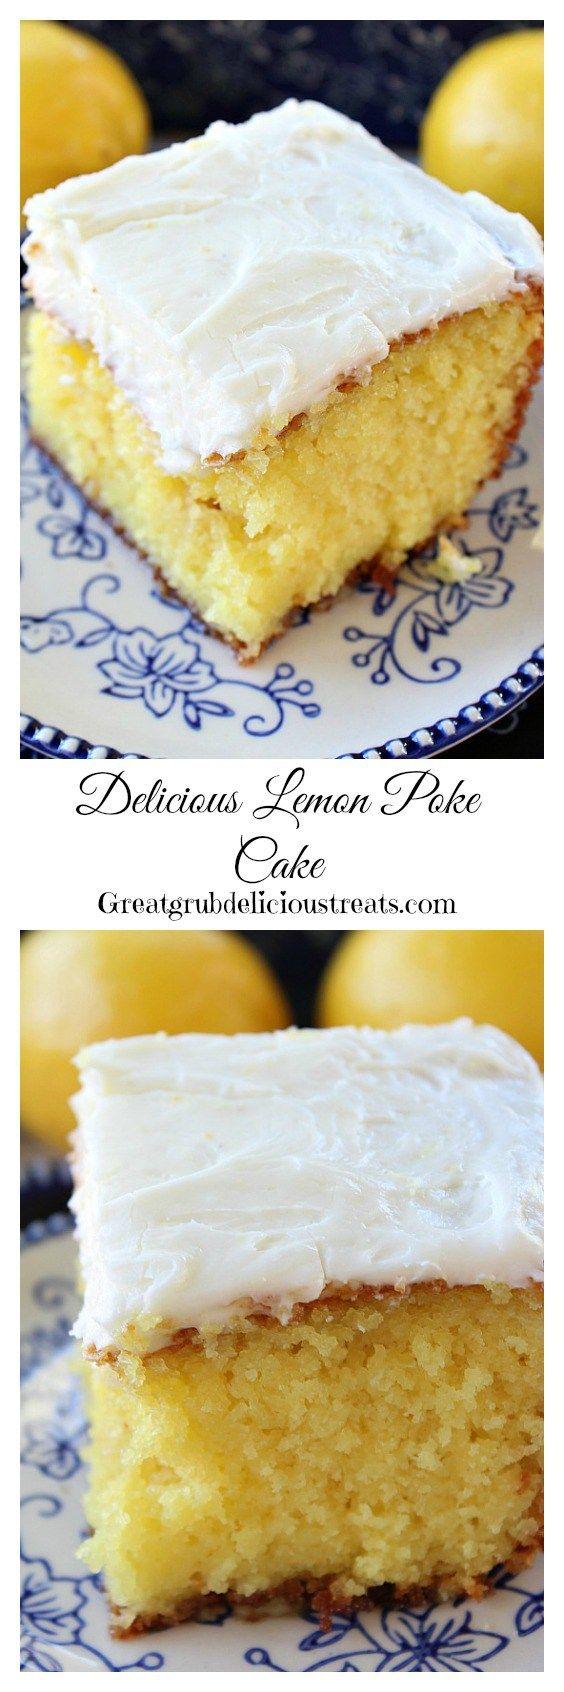 Delicious Lemon Poke Cake with Lemon Buttercream Frosting